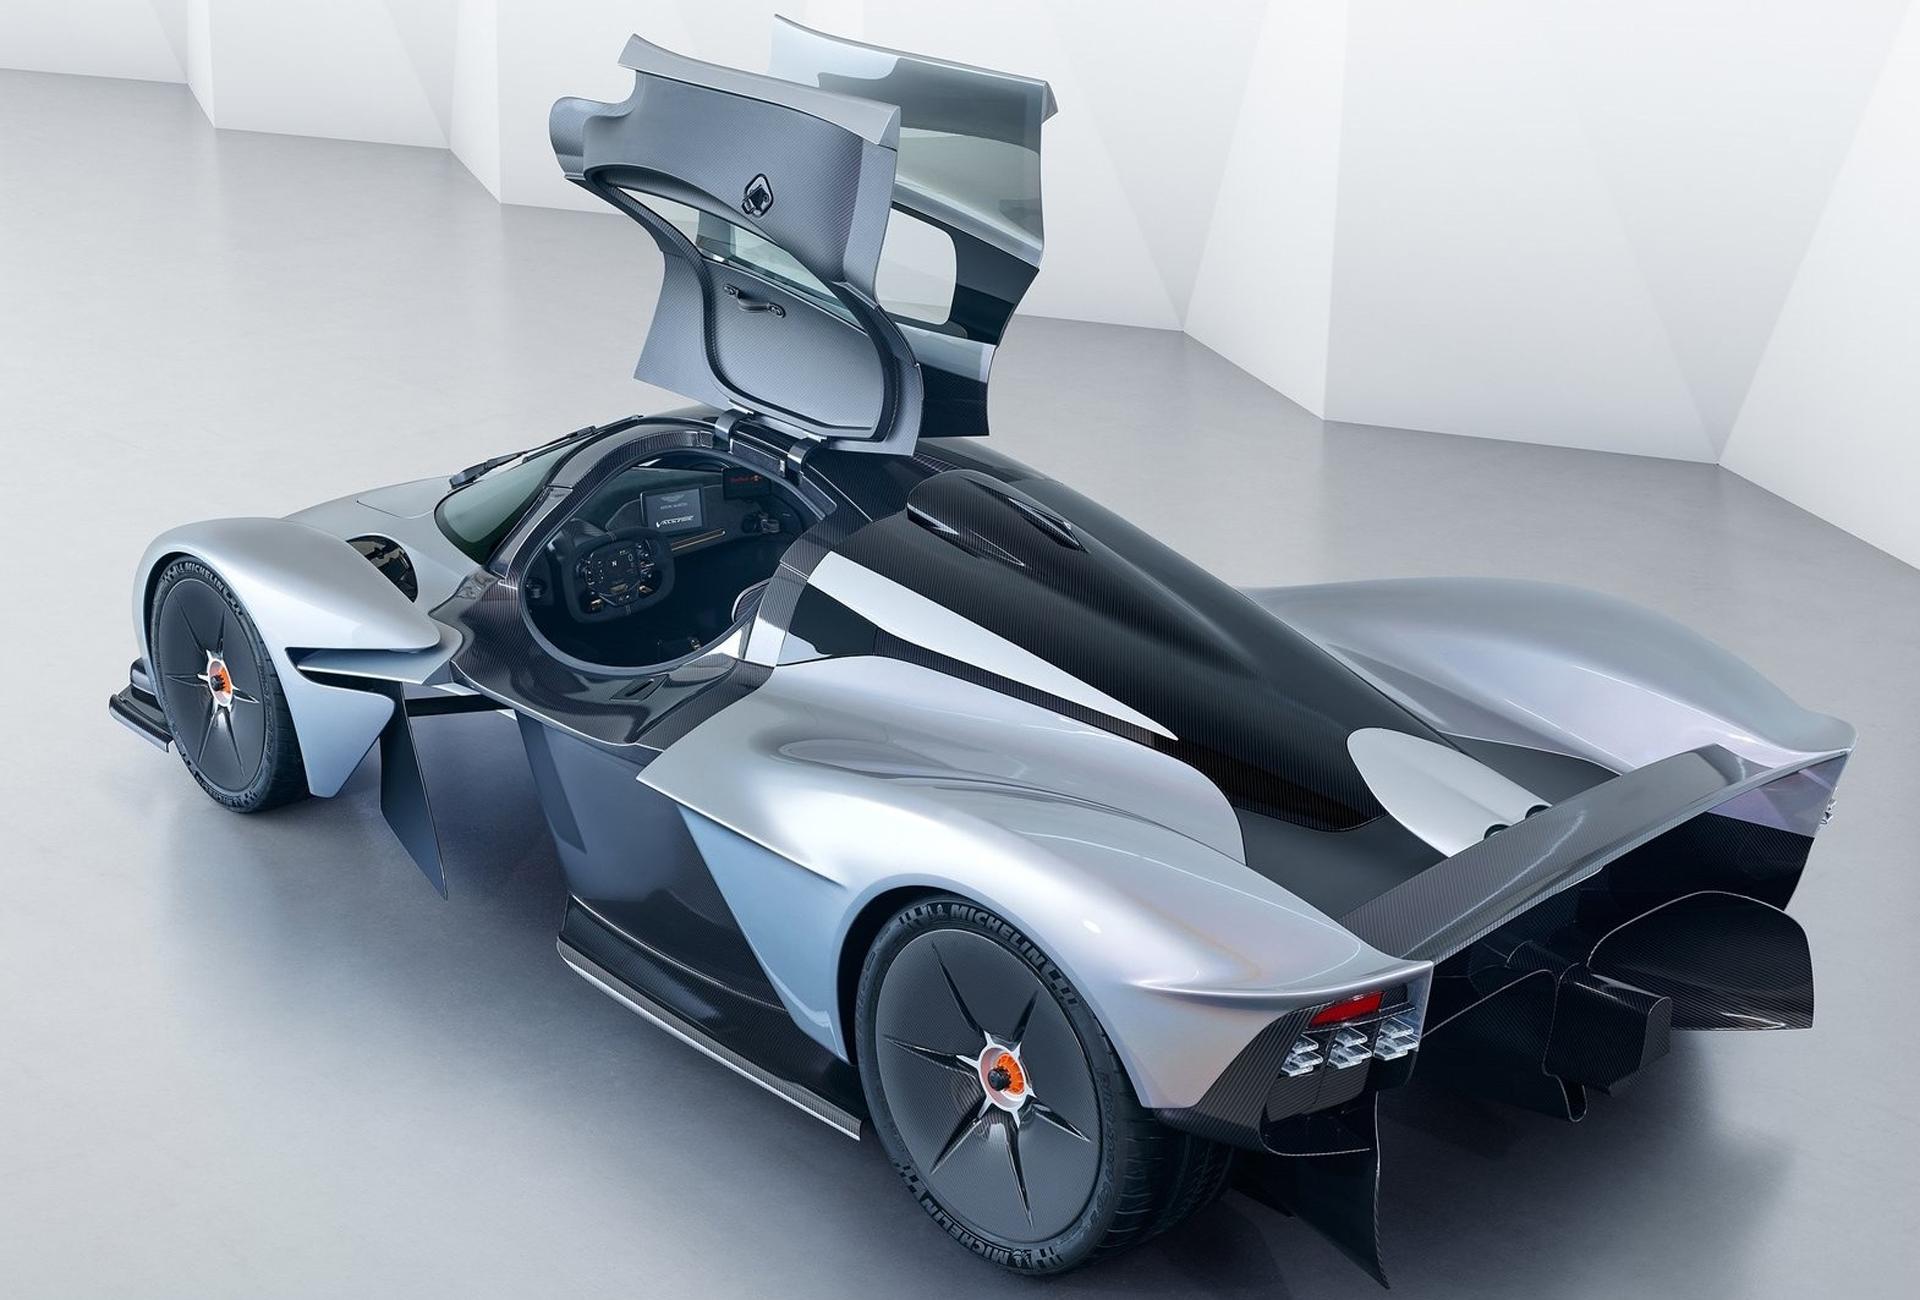 El Aston Martin Valkyrie es un súper auto del que fabricarán 150 unidades a 3 millones de euros cada una.